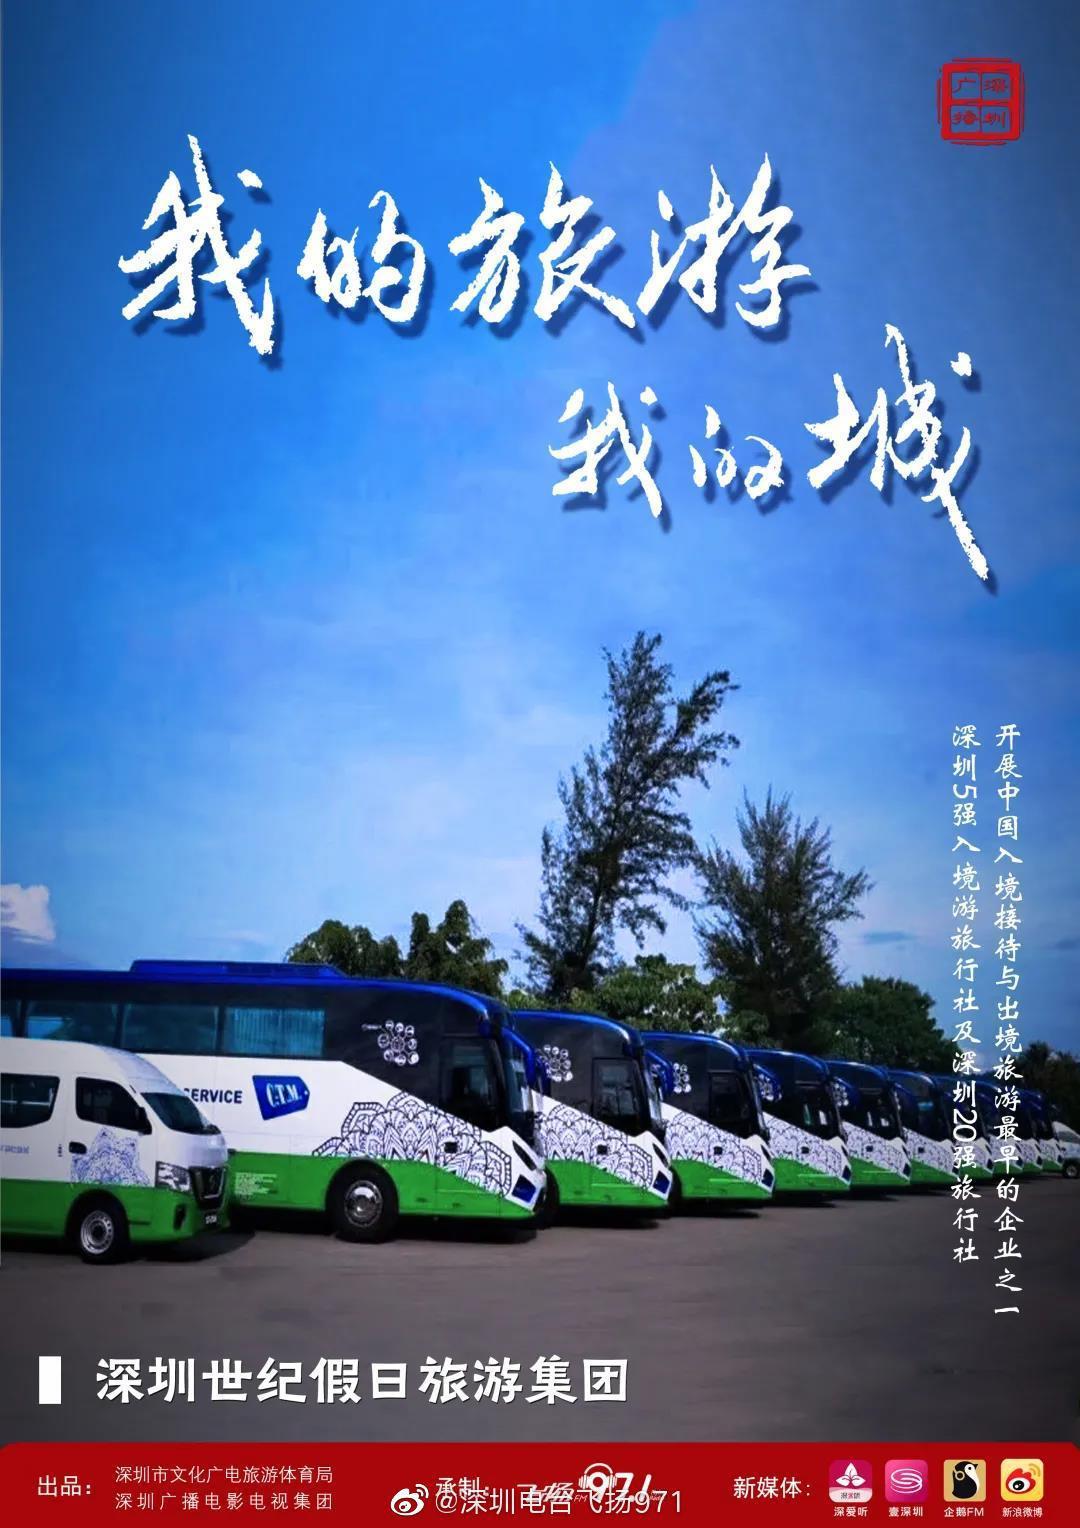 我的旅游我的城市:深圳世纪木里旅游集团——面临困境…